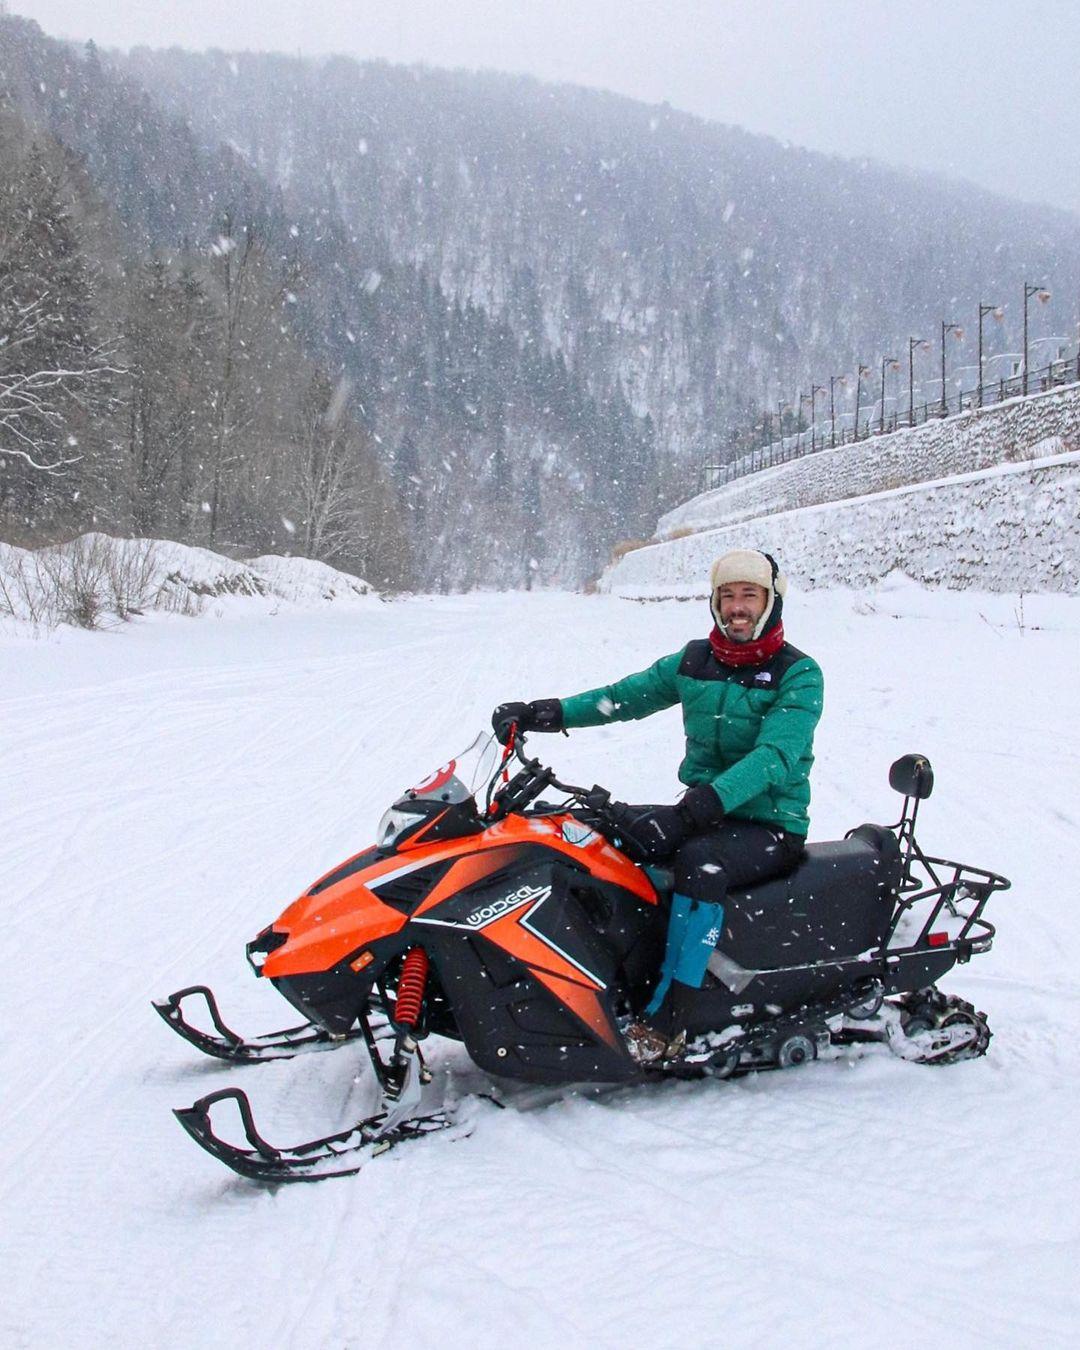 Actividades de motos de nieve en China Snow Town.